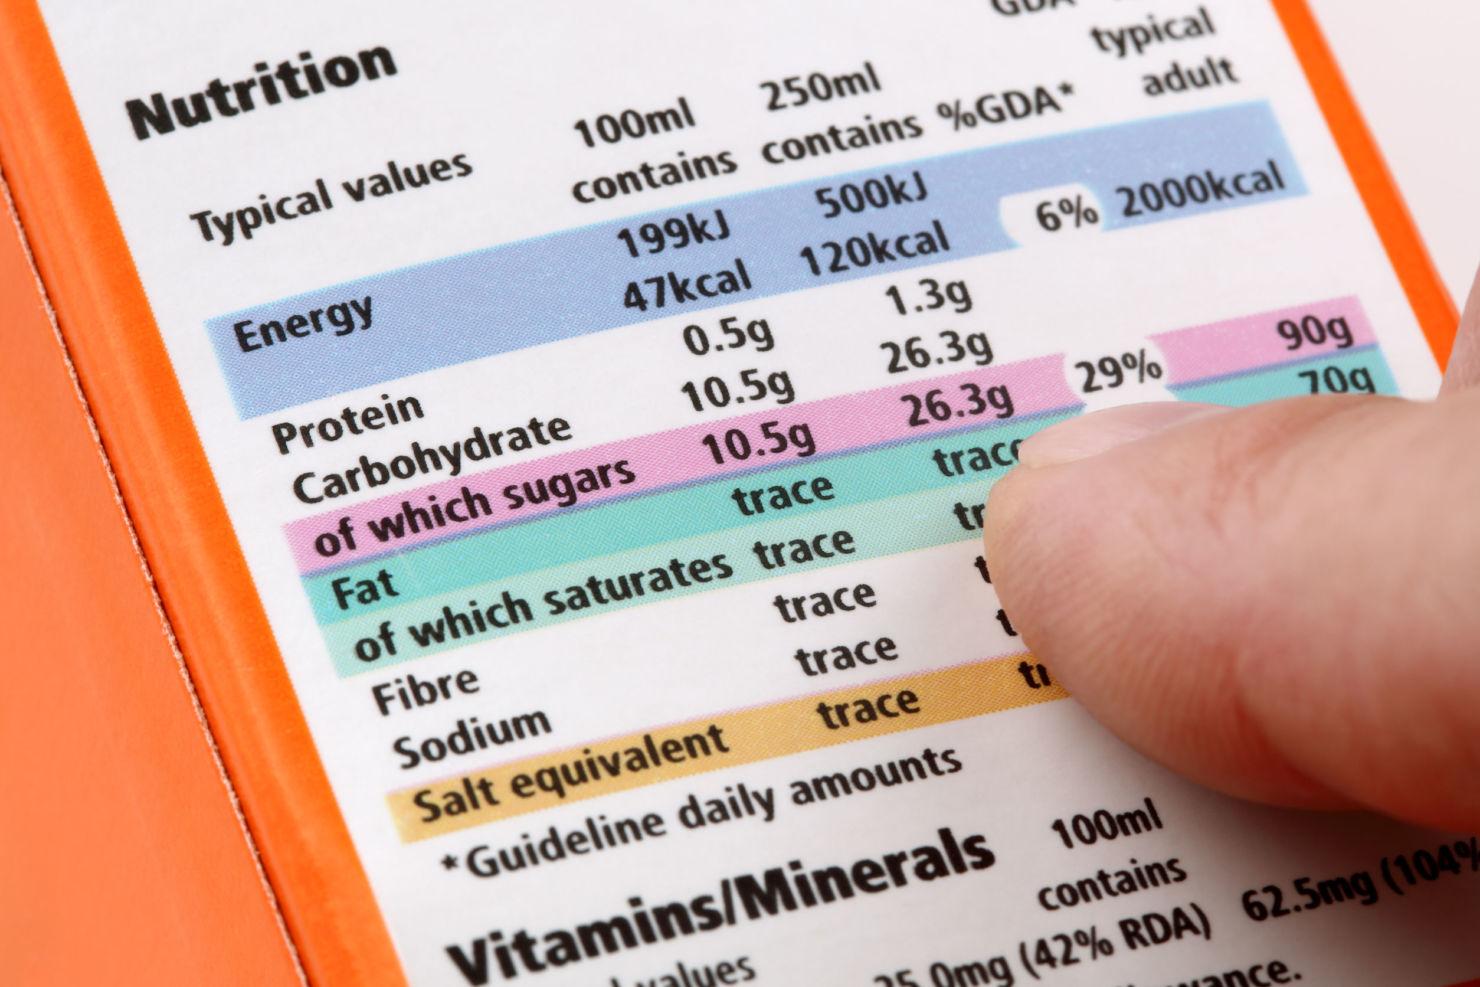 Aprende a leer las etiquetas de tus alimentos favoritos como un experto